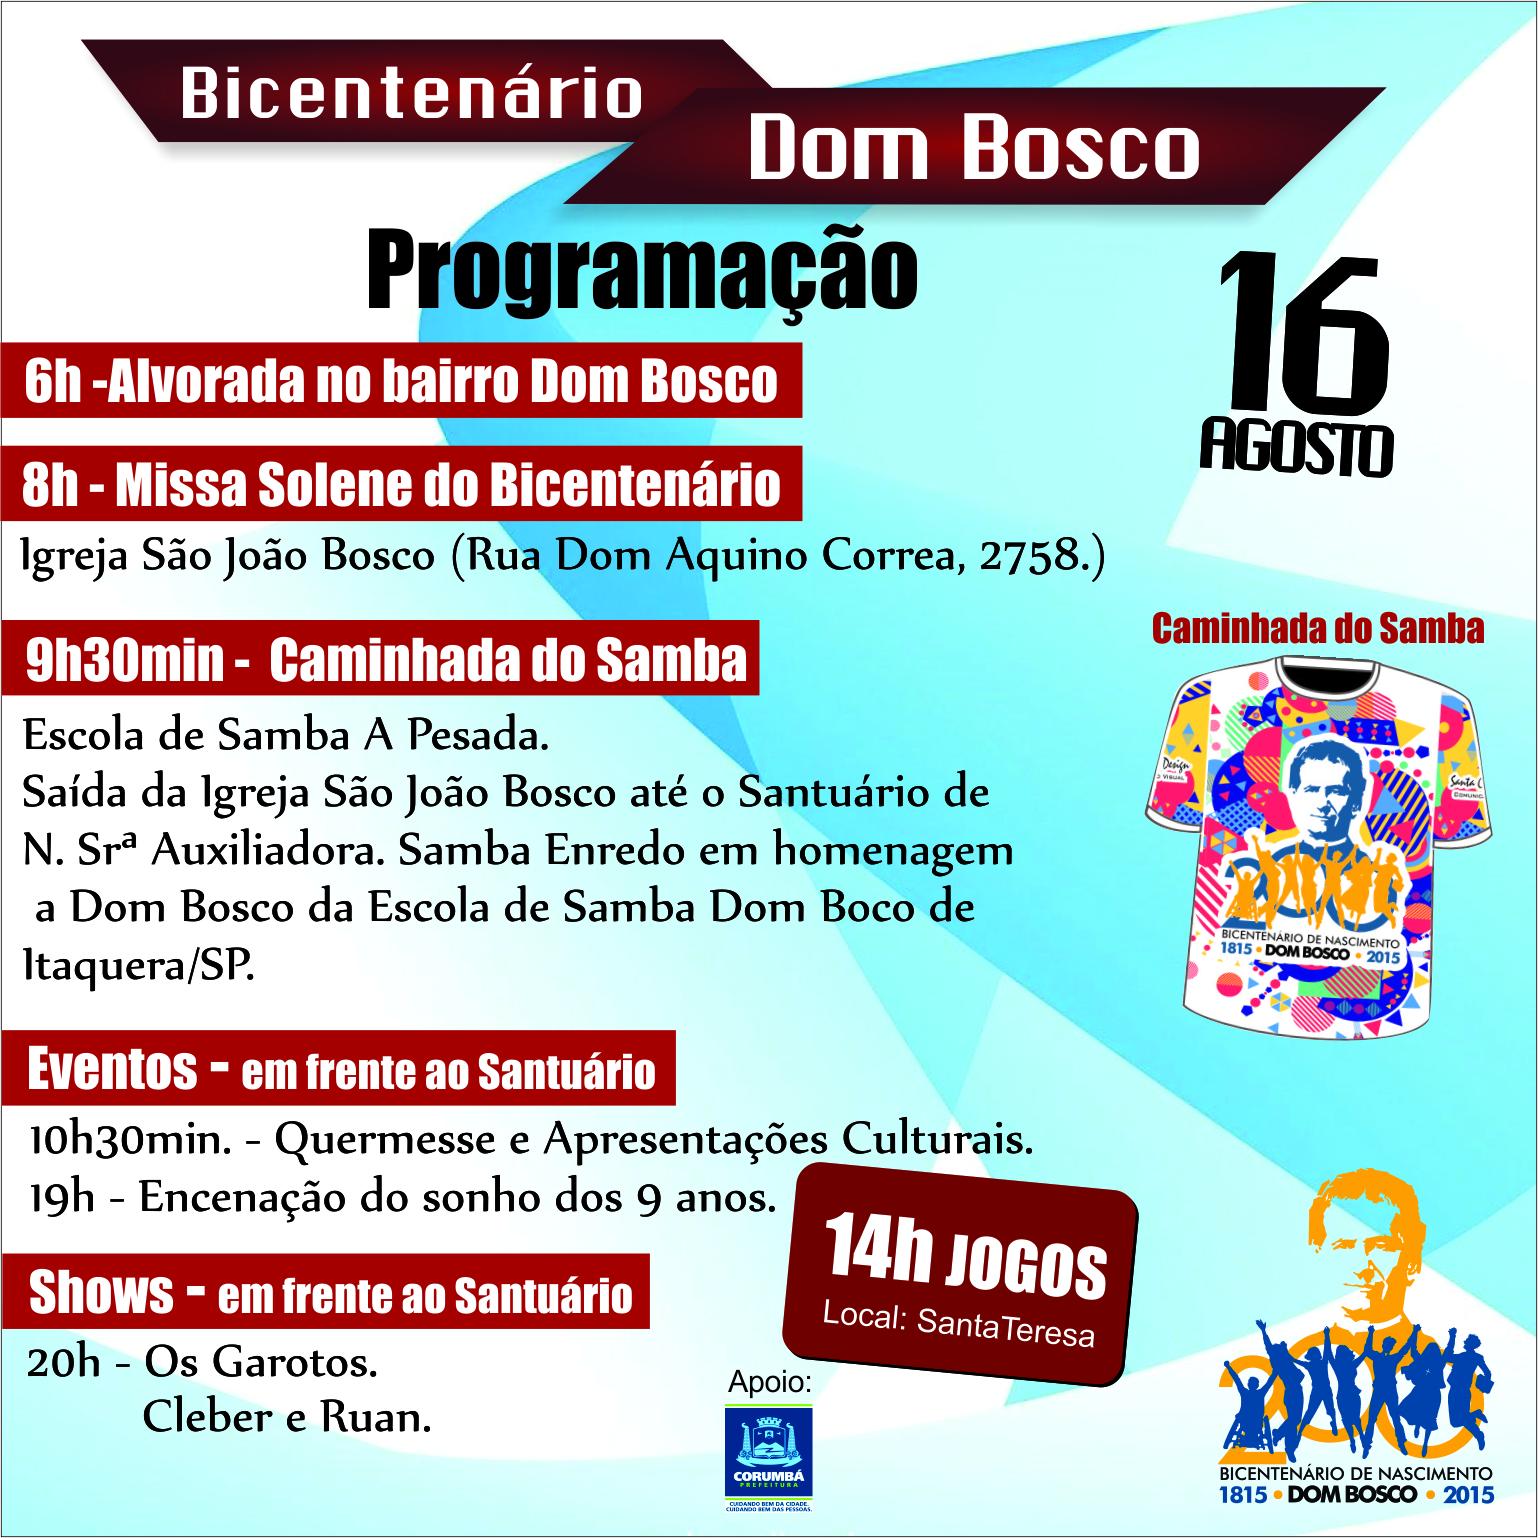 Bicenternario2